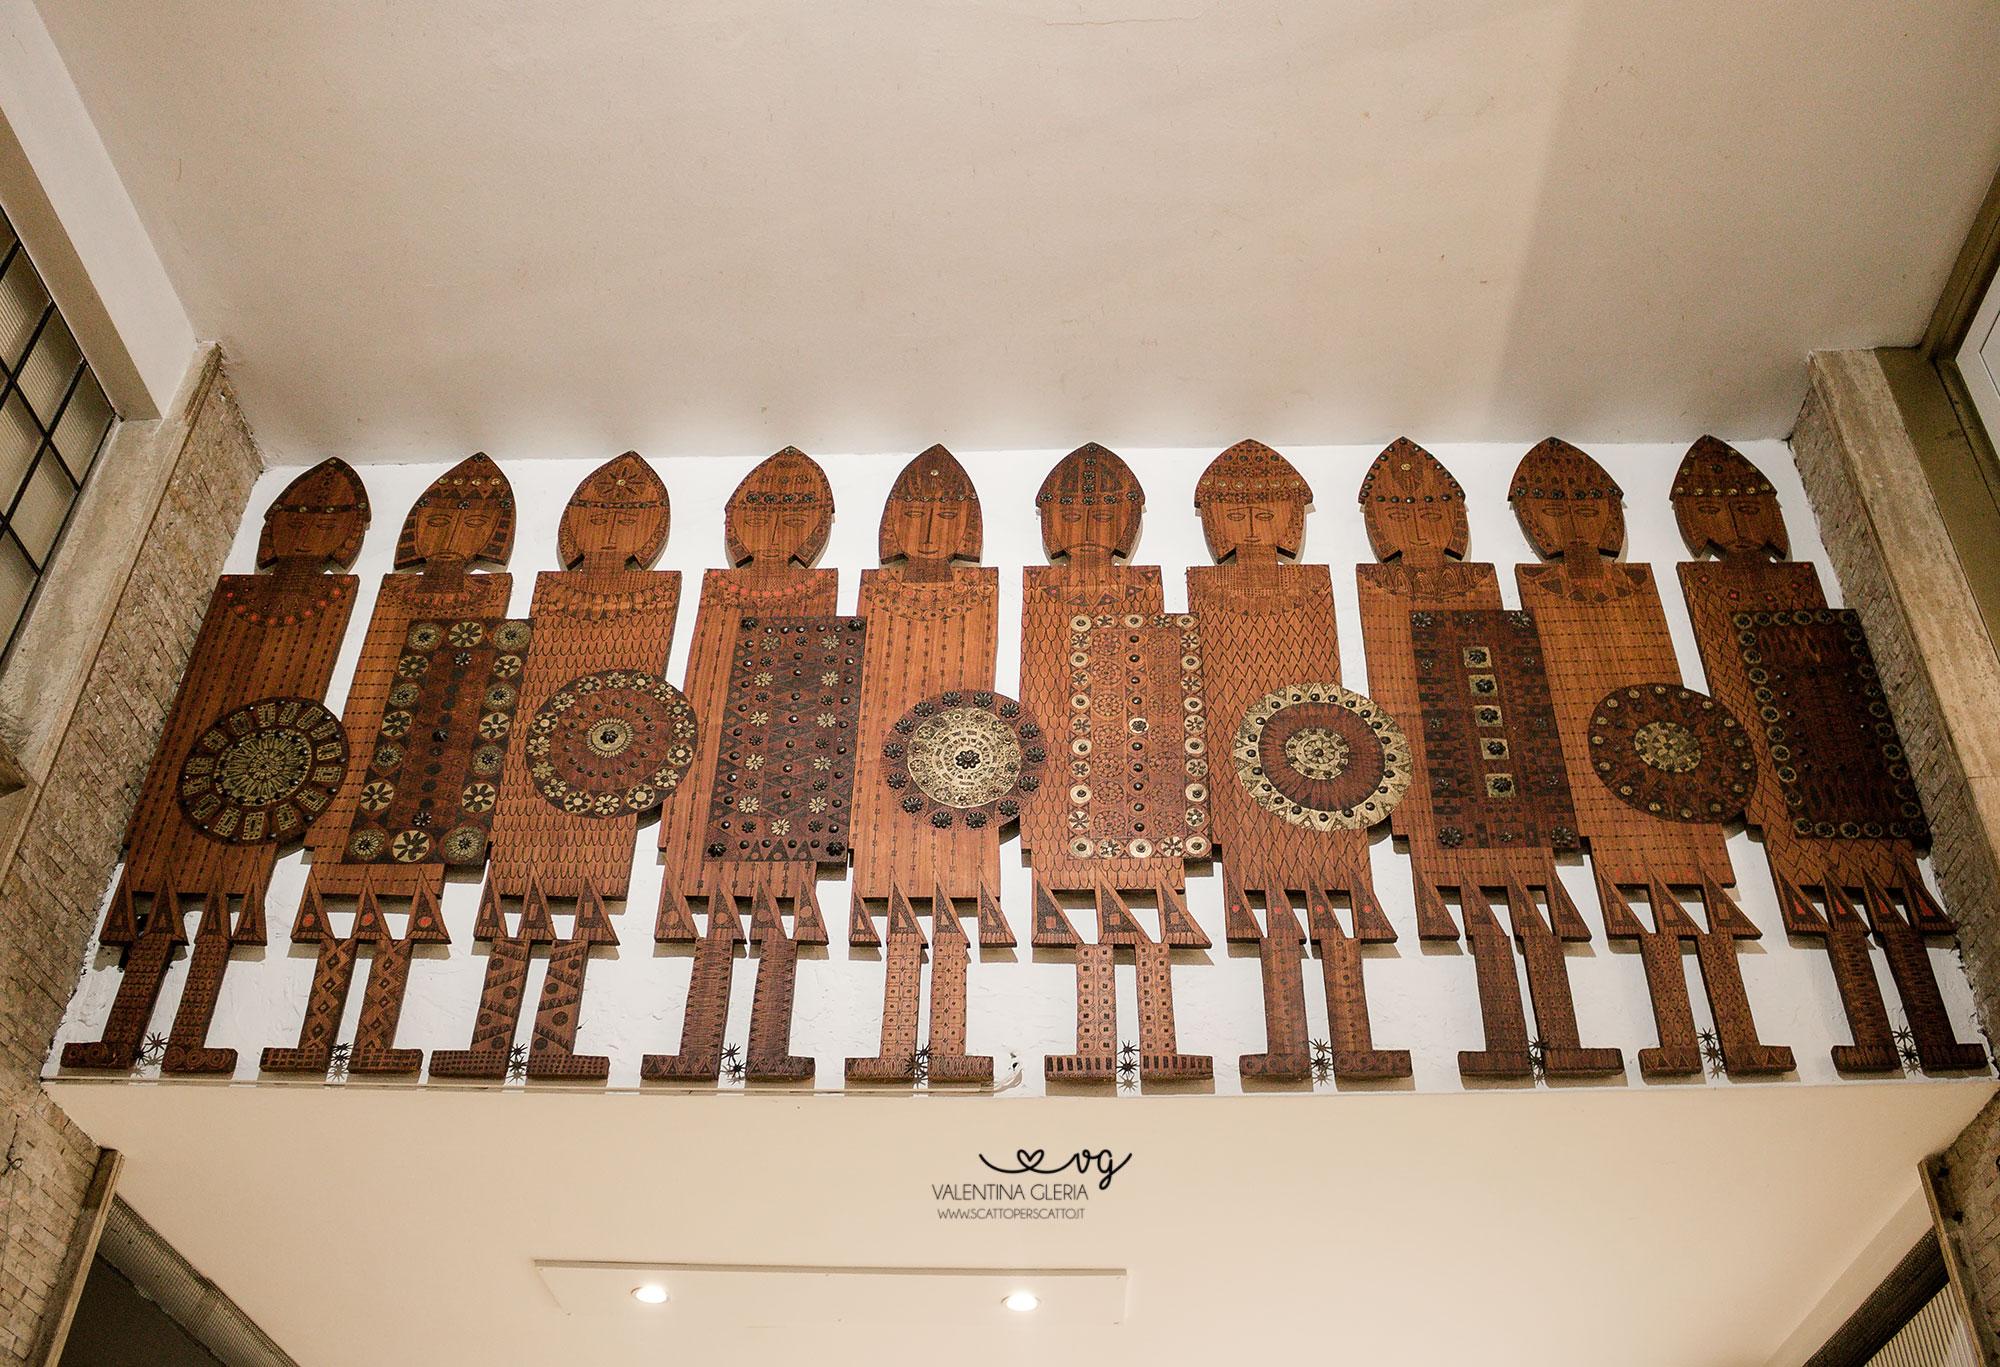 I Dieci Guerrieri di Galleria Duomo a Padova